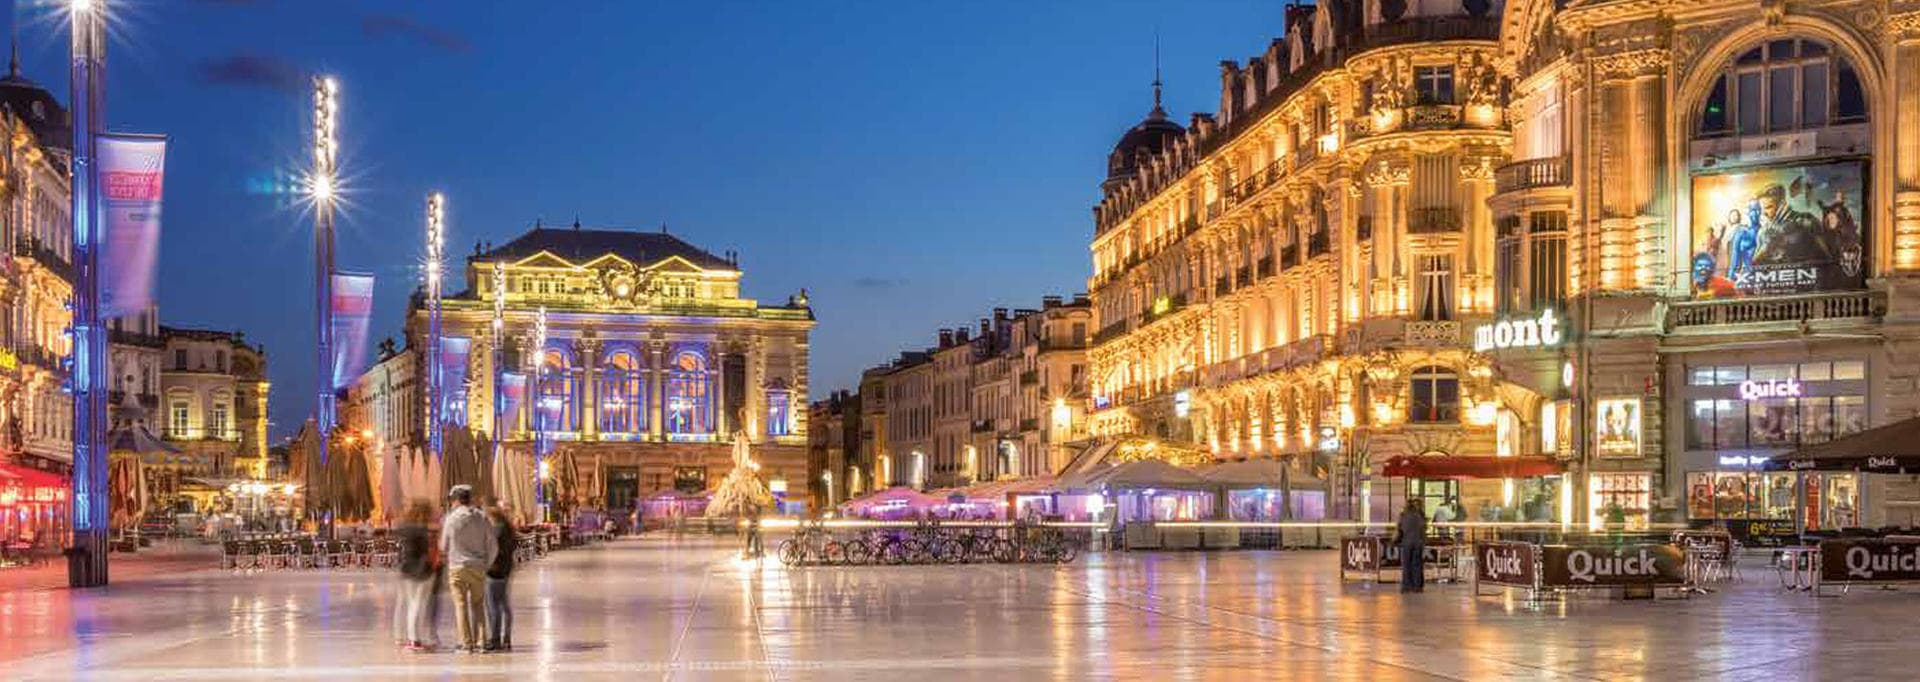 Montpellier mediterrannee mpl transfer france world - Piscine place de l europe montpellier ...